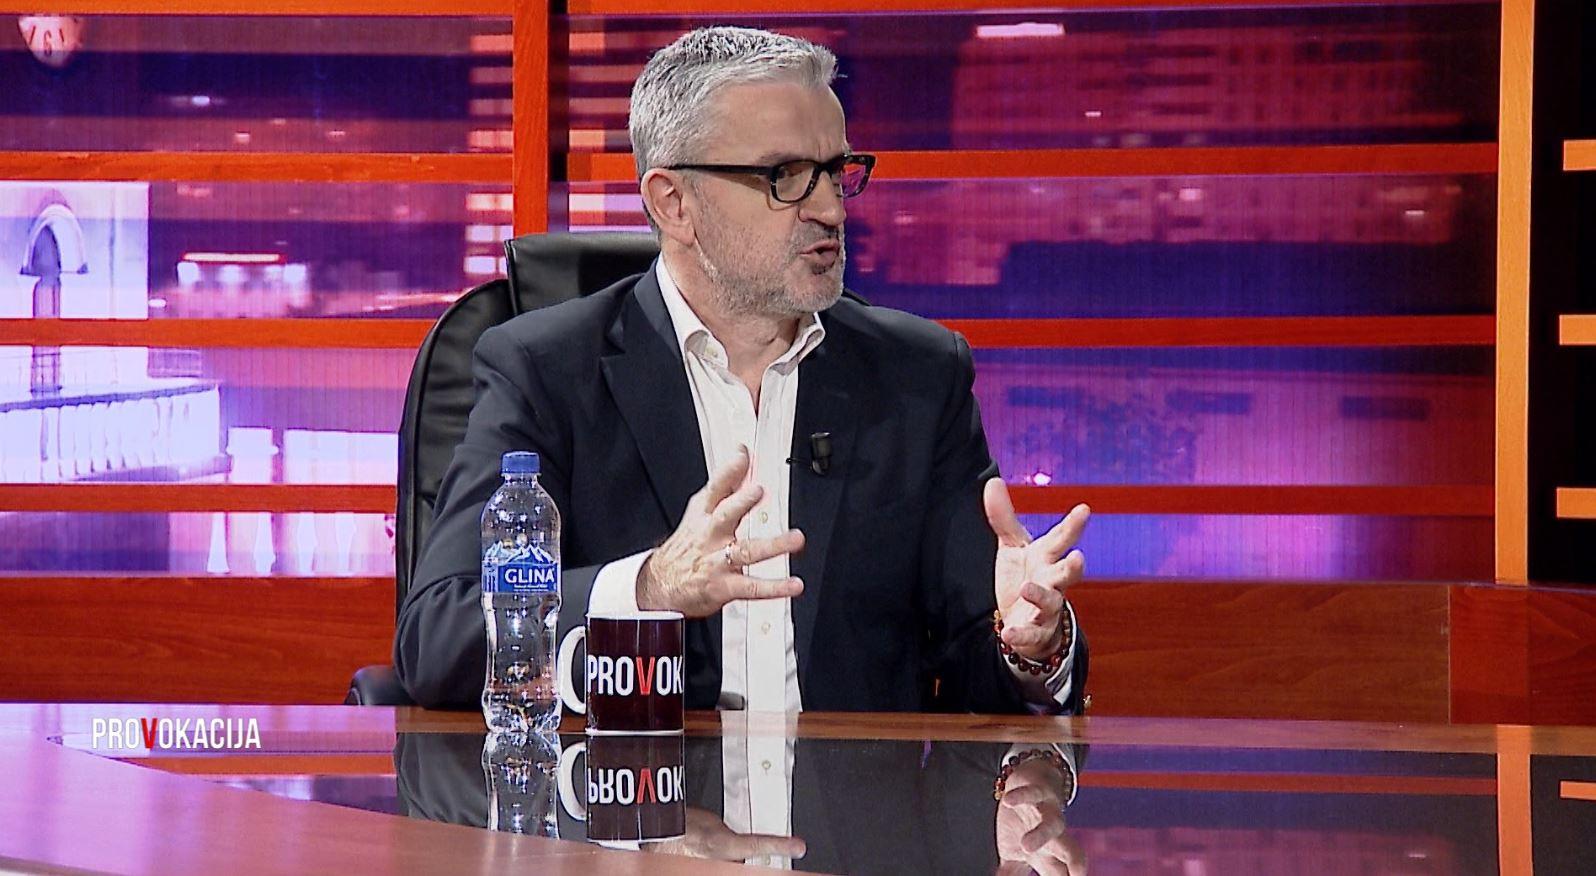 Dritan Shano: Nga Shqipëria ikin më të mirët, ngelin më çyrykët